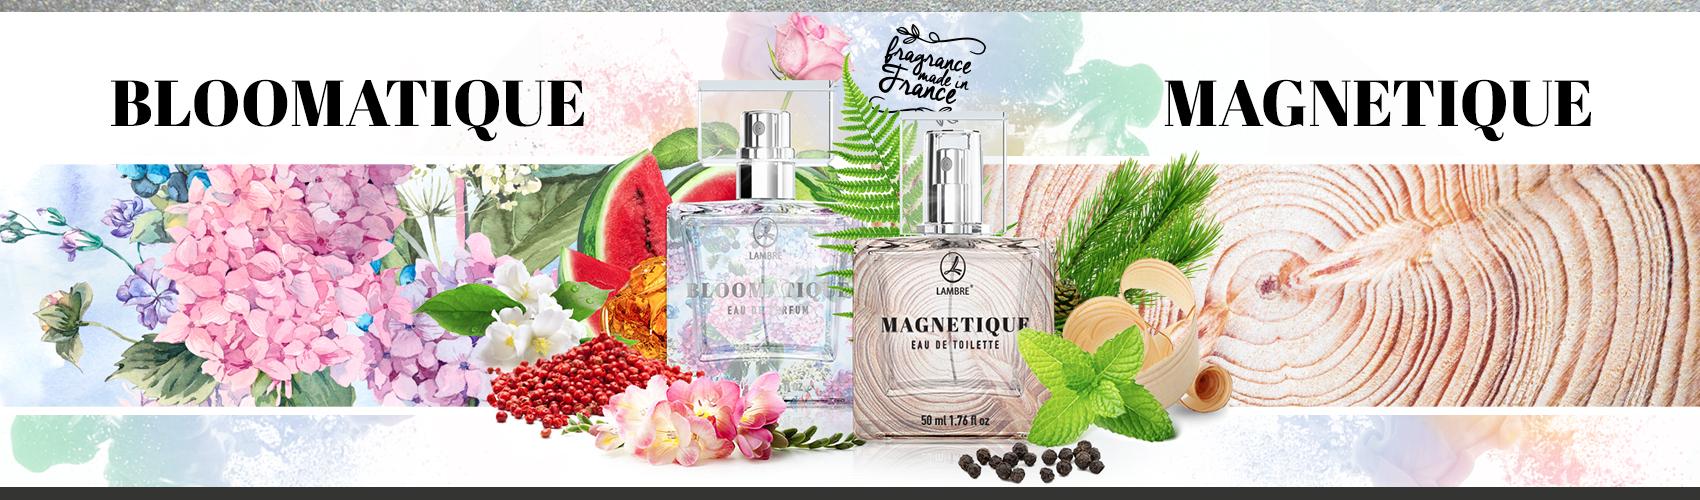 bloomatique Magnetique от Ламбре новинки 2018